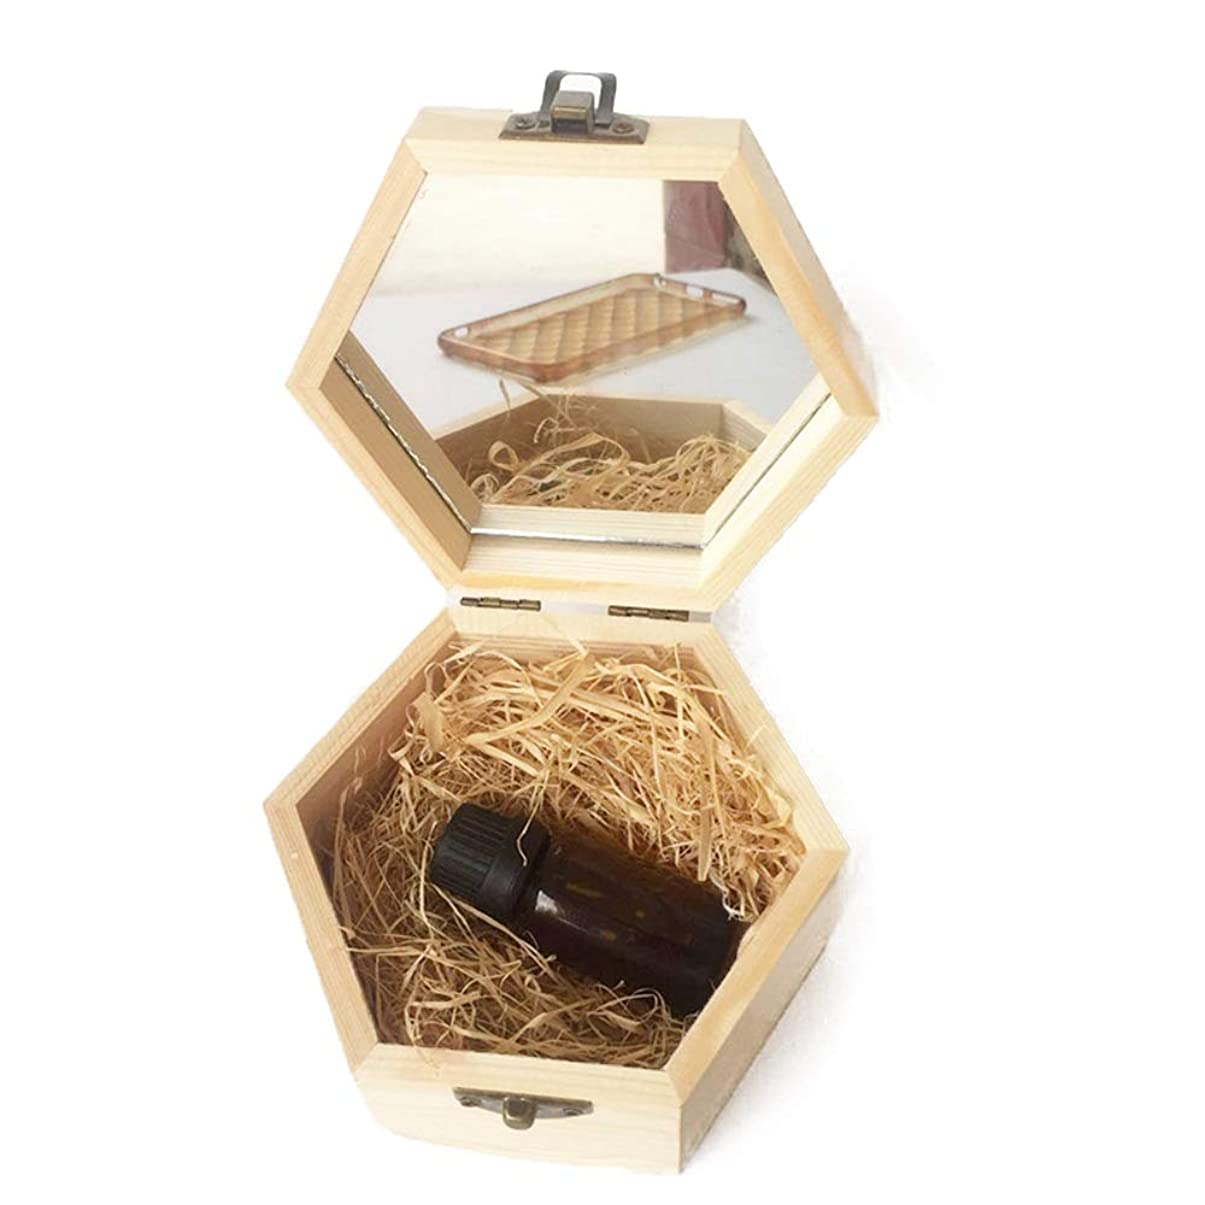 ギャザー削減効能あるアロマセラピーのエッセンシャルオイル木箱の品質収納ケース 香水フレグランス (色 : Natural, サイズ : 13X11.3X6.8CM)